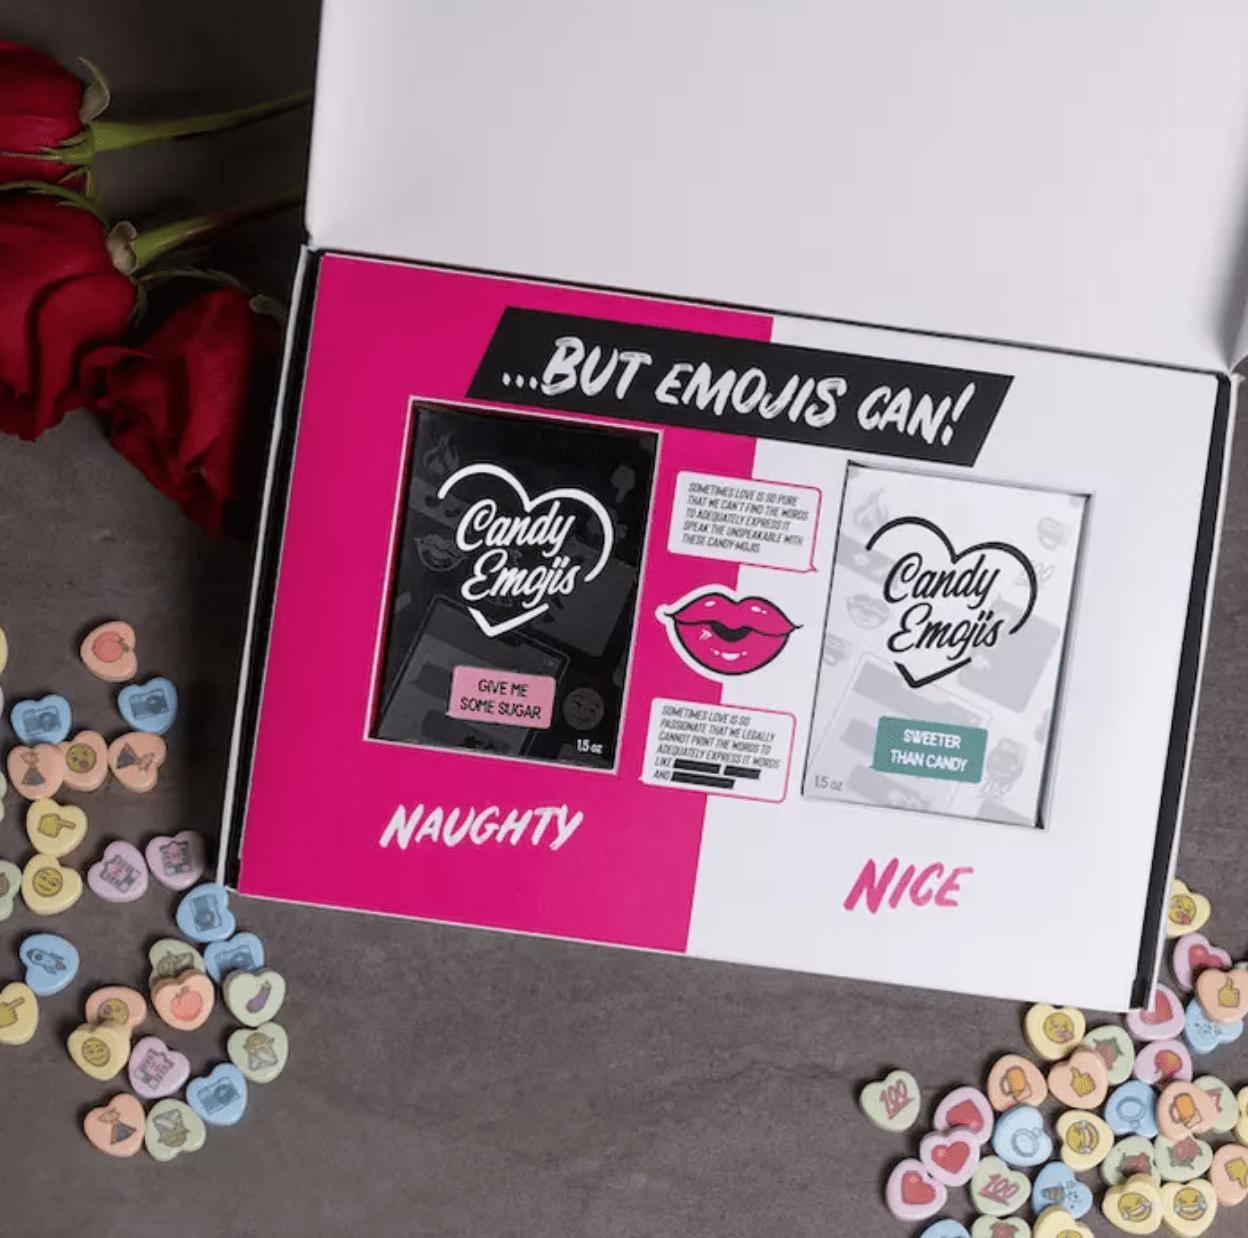 Man Crates Candy Emojis